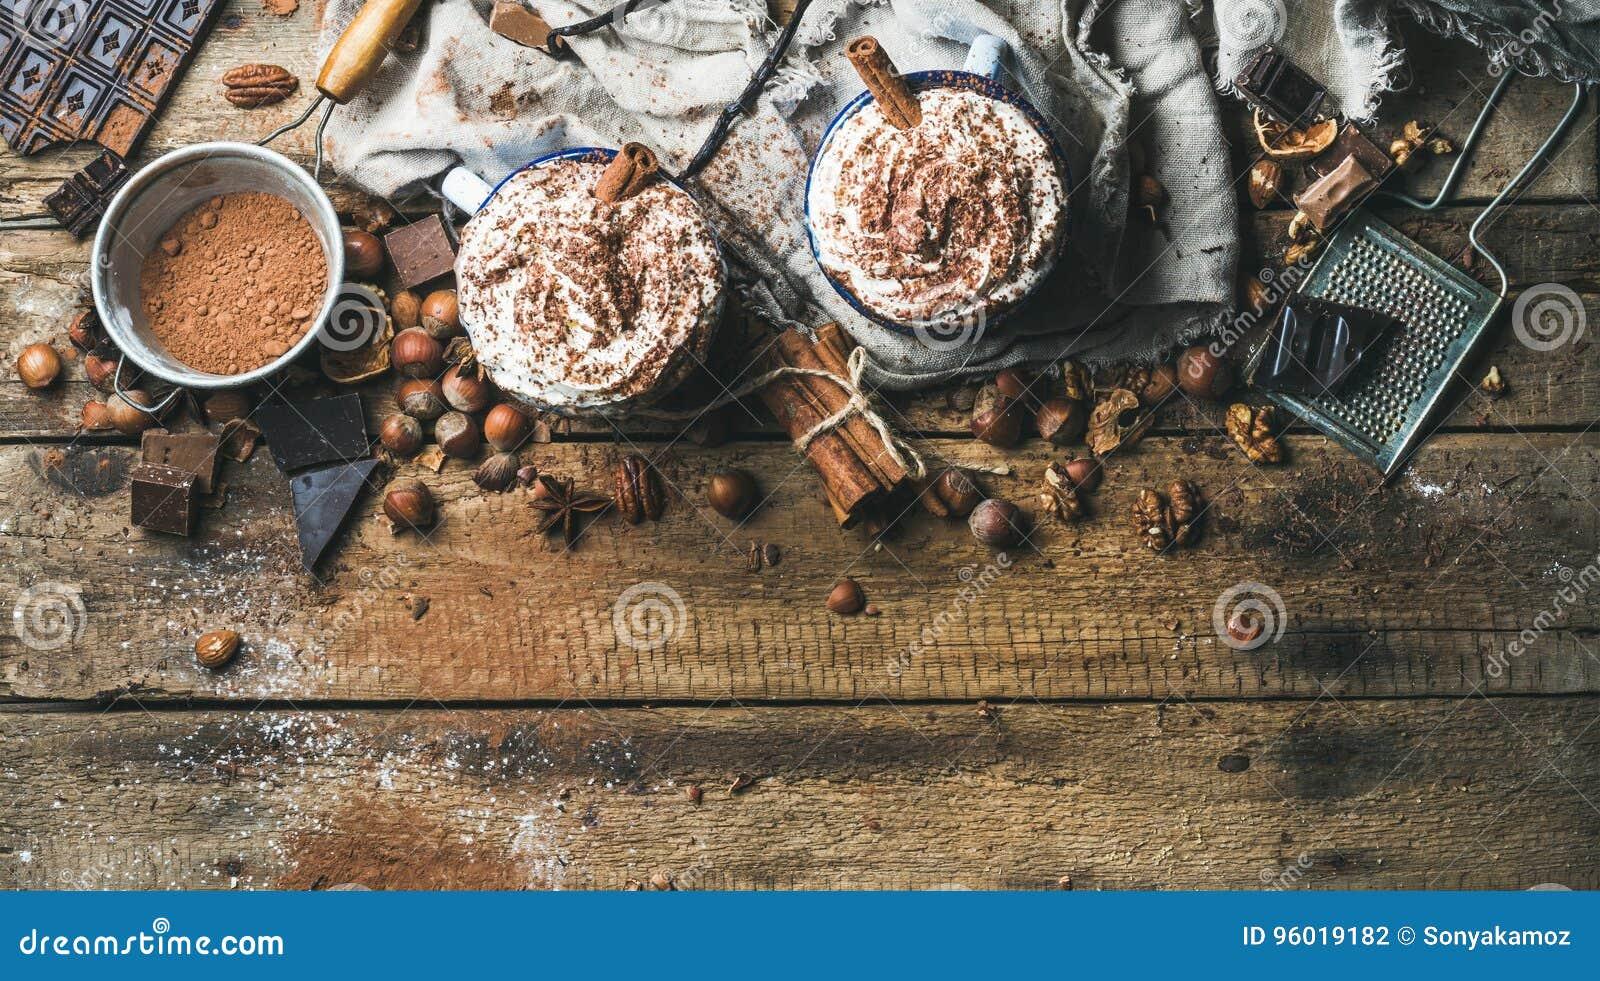 Heiße Schokolade mit Schlagsahne, Nüssen, Gewürzen und Kakaopulver